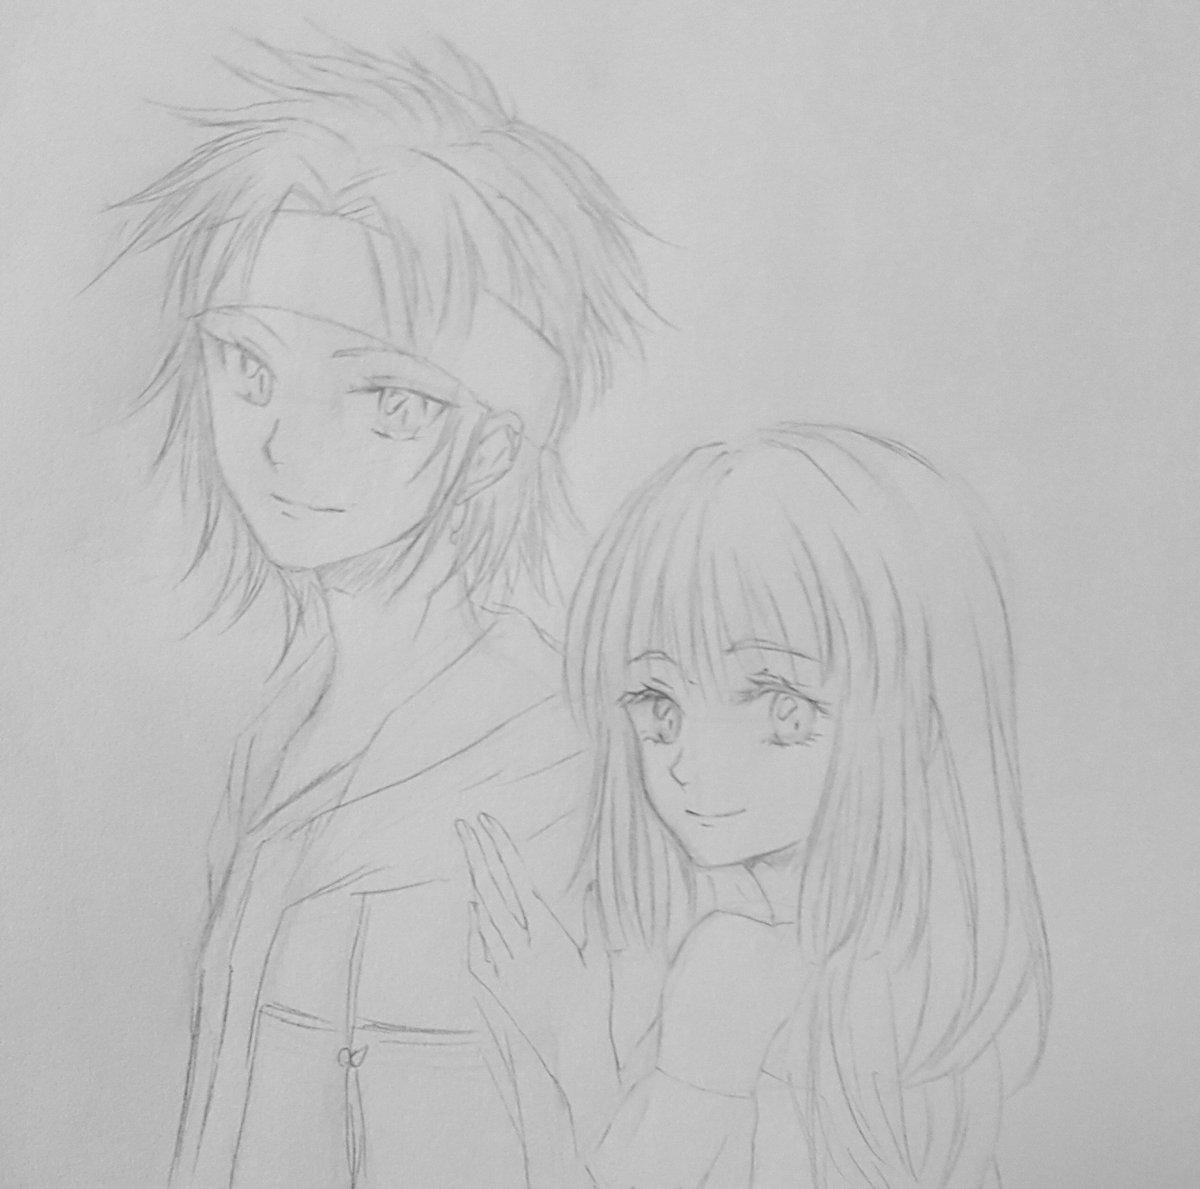 うちの颯天とスーちゃん( )の子のヴァナディースちゃん。色味似てるコンビちゃん。最近 颯天がうまく描けないんだ( ´꒳